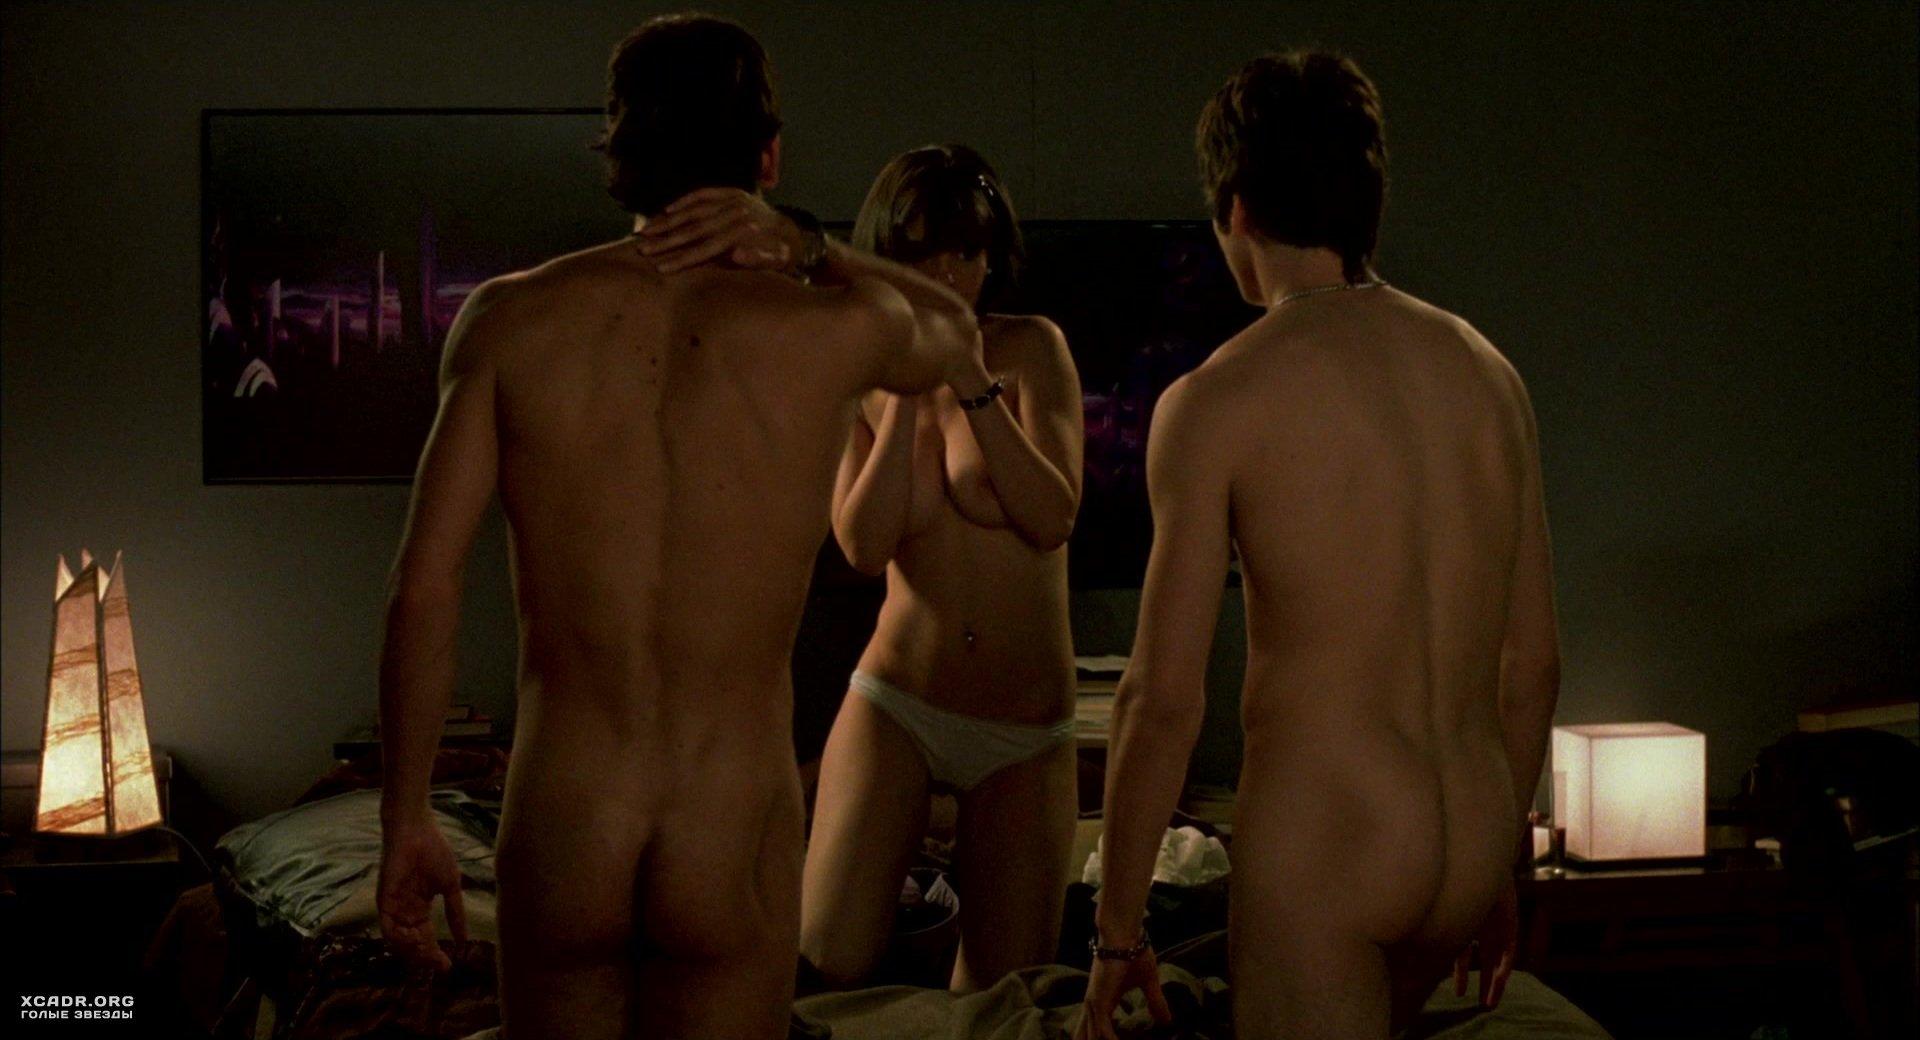 Худ фильм секс ложь и видео